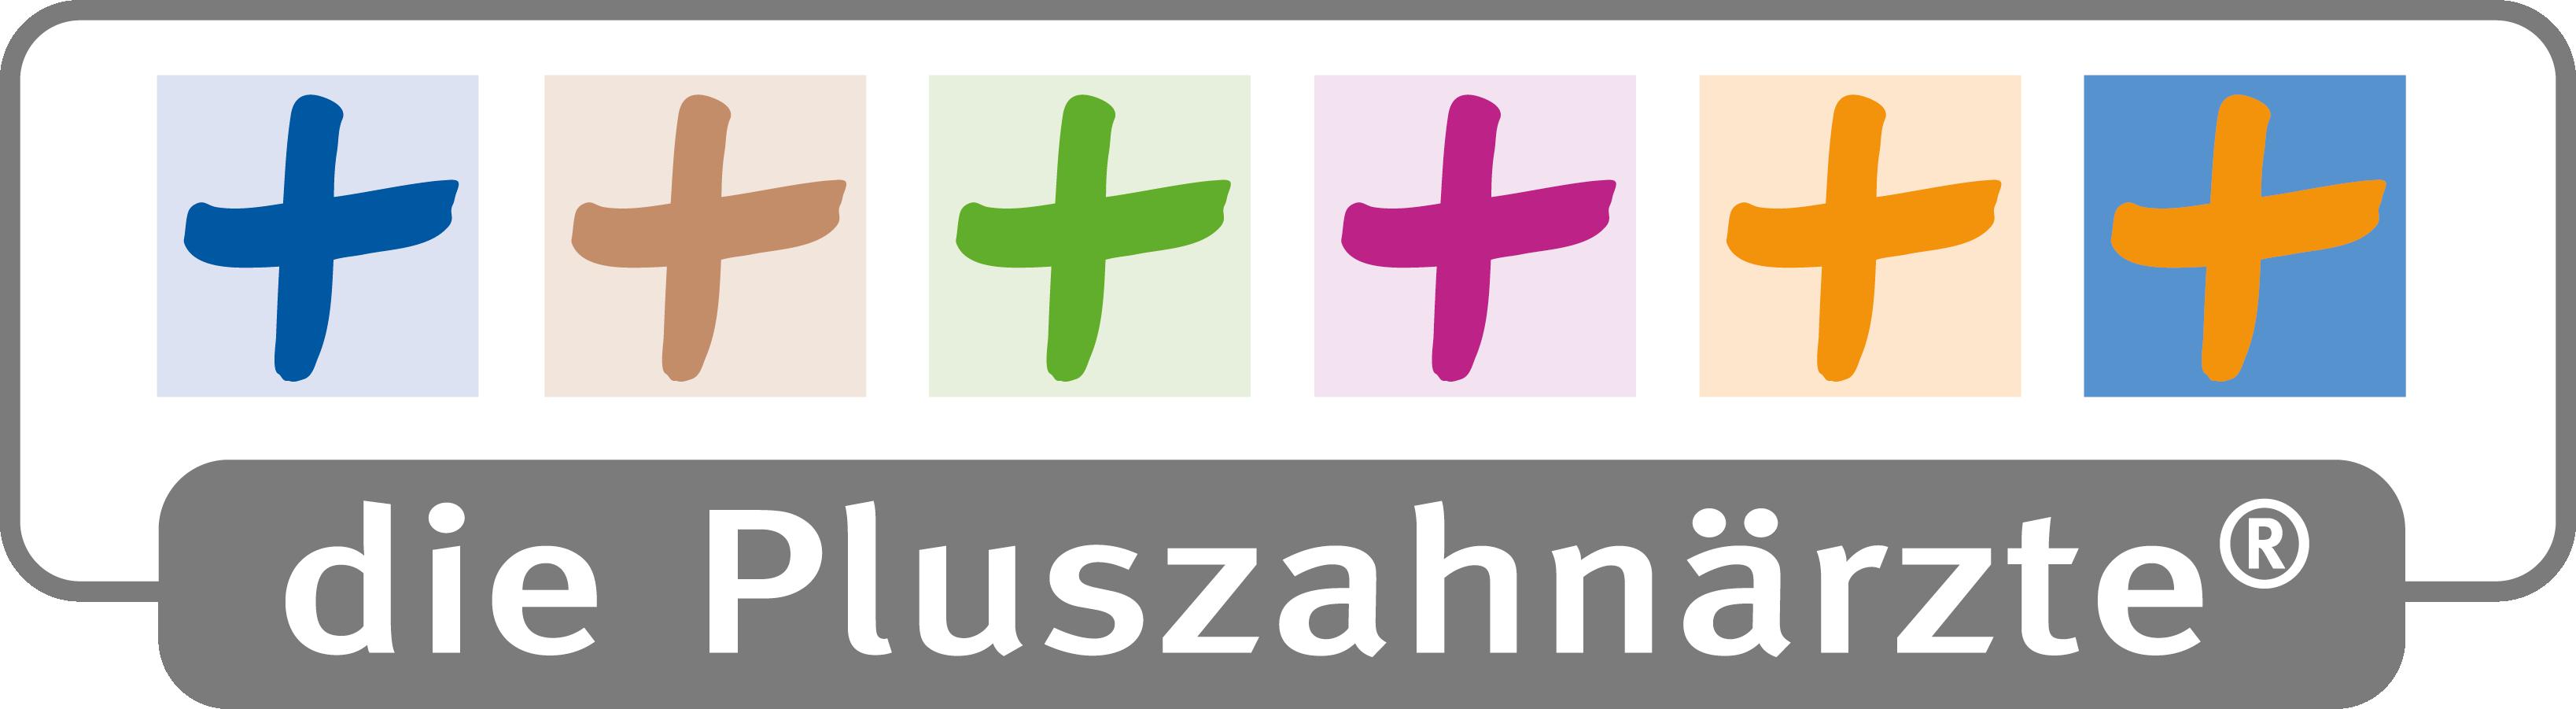 Die Pluszahnärzte Logo